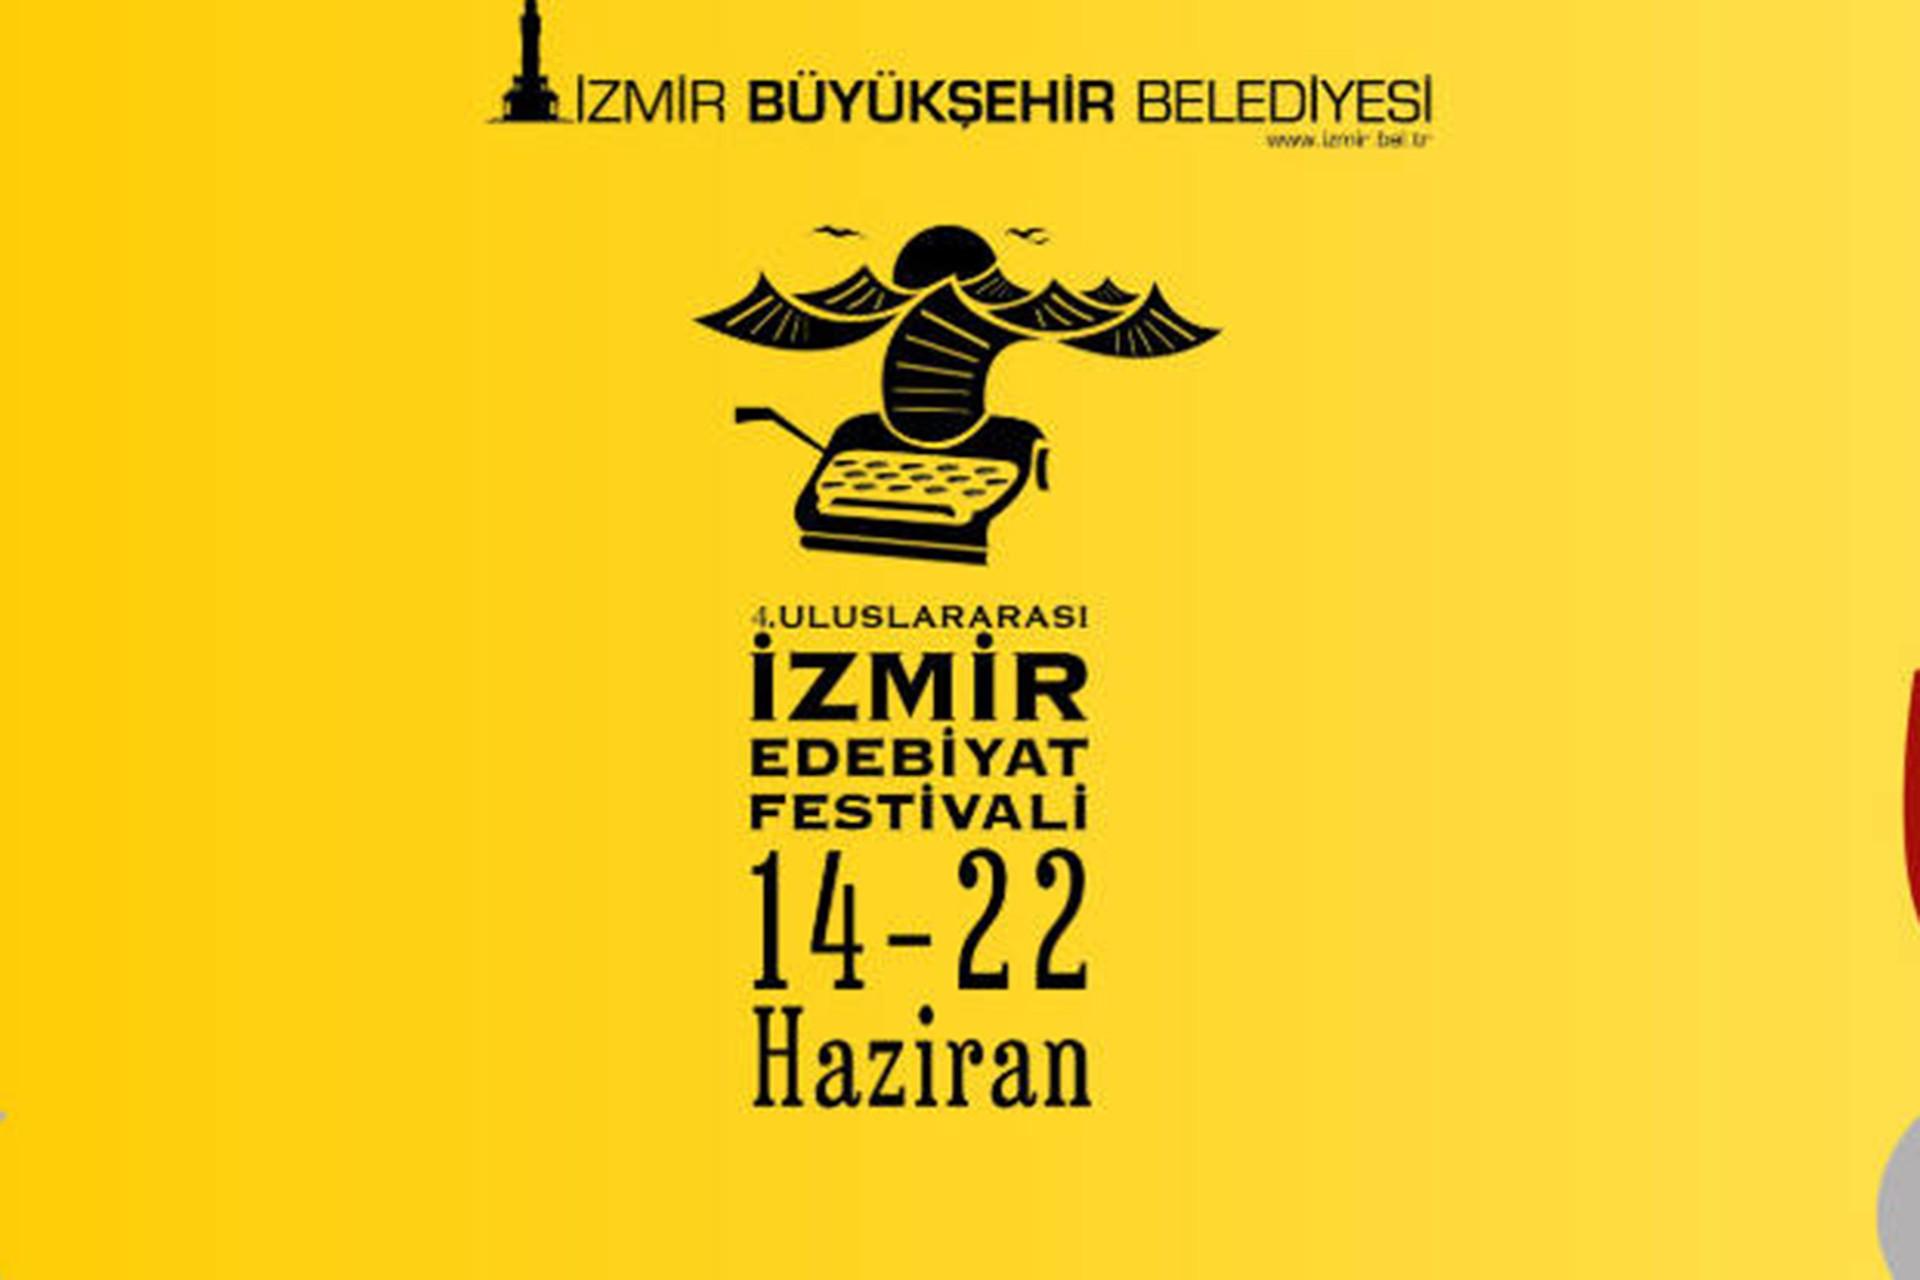 Kürt yazarlardan ve TYS'den İzmir'deki festivale tepki